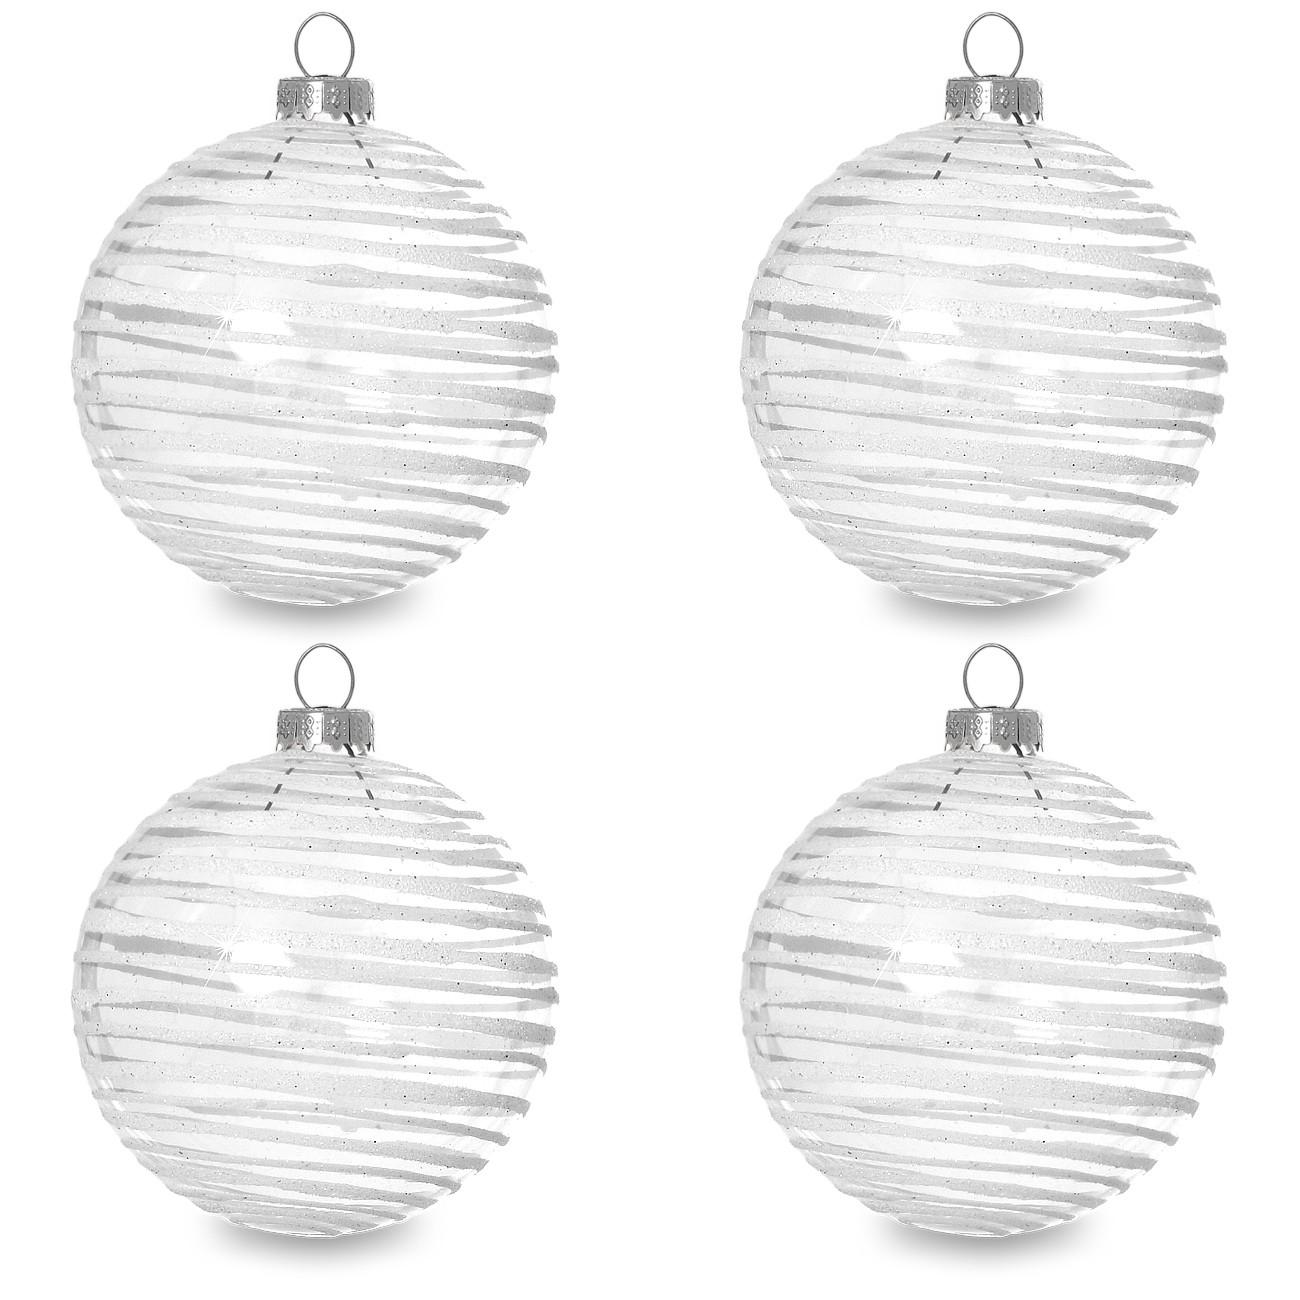 sikora christbaumkugeln aus glas mit moderner verzierung scandic stripes klar glas 4er set. Black Bedroom Furniture Sets. Home Design Ideas